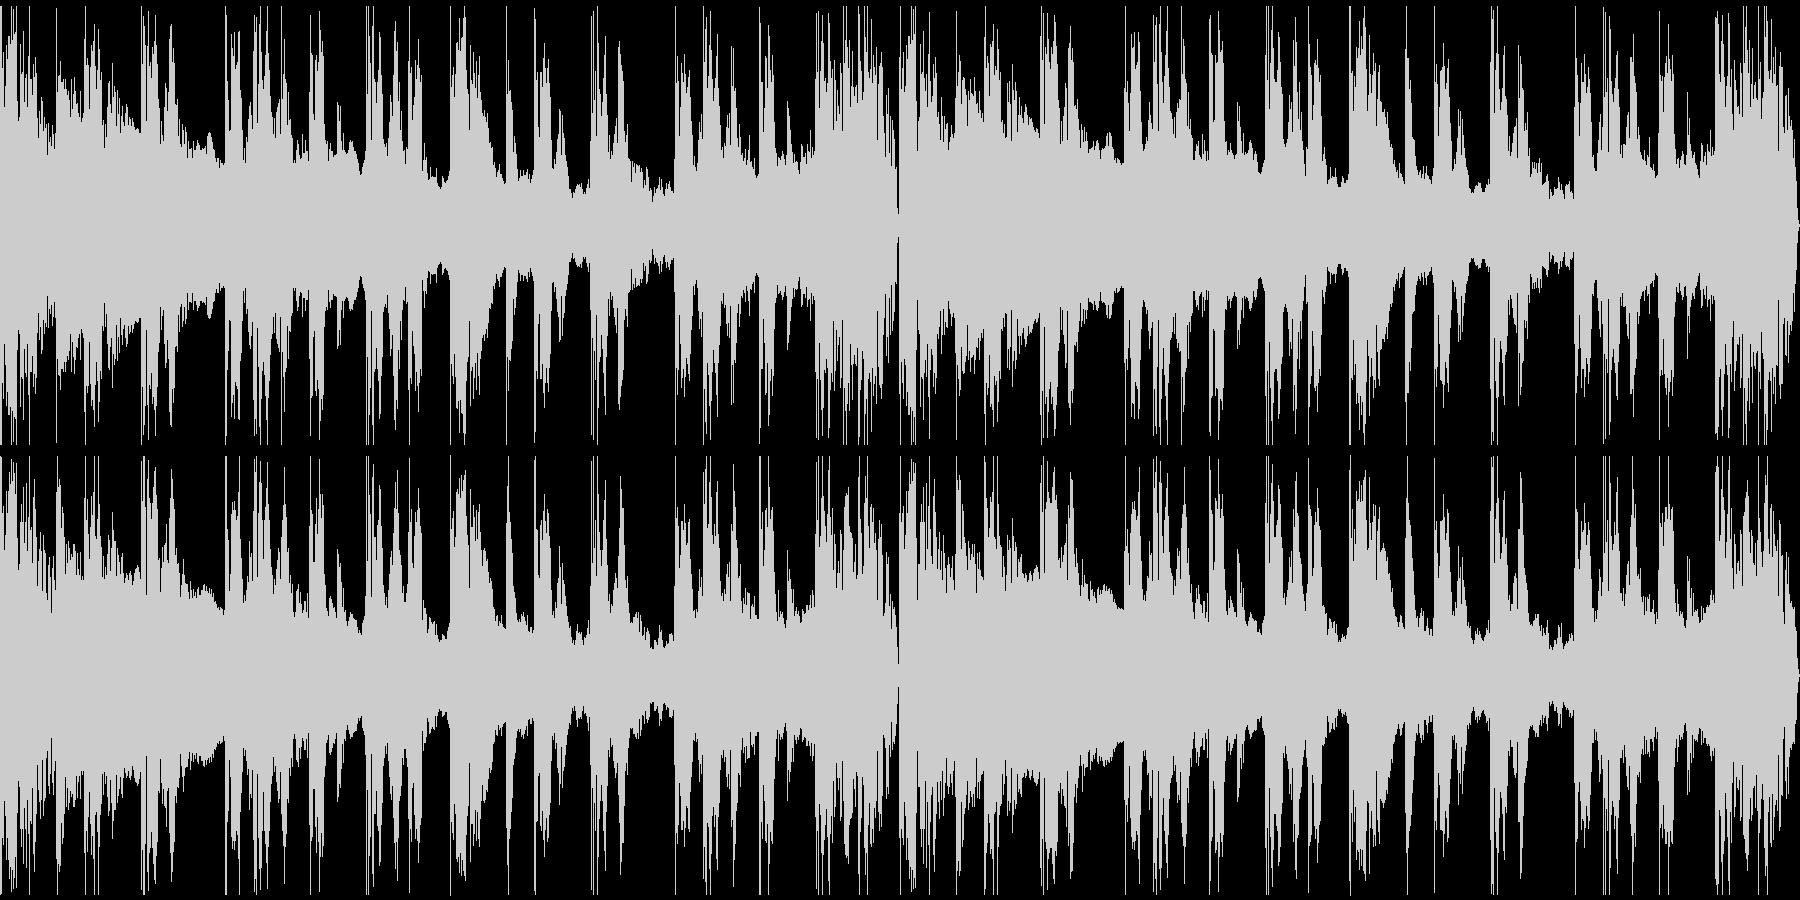 【エレクトロニカ】ロング3、ジングル3の未再生の波形